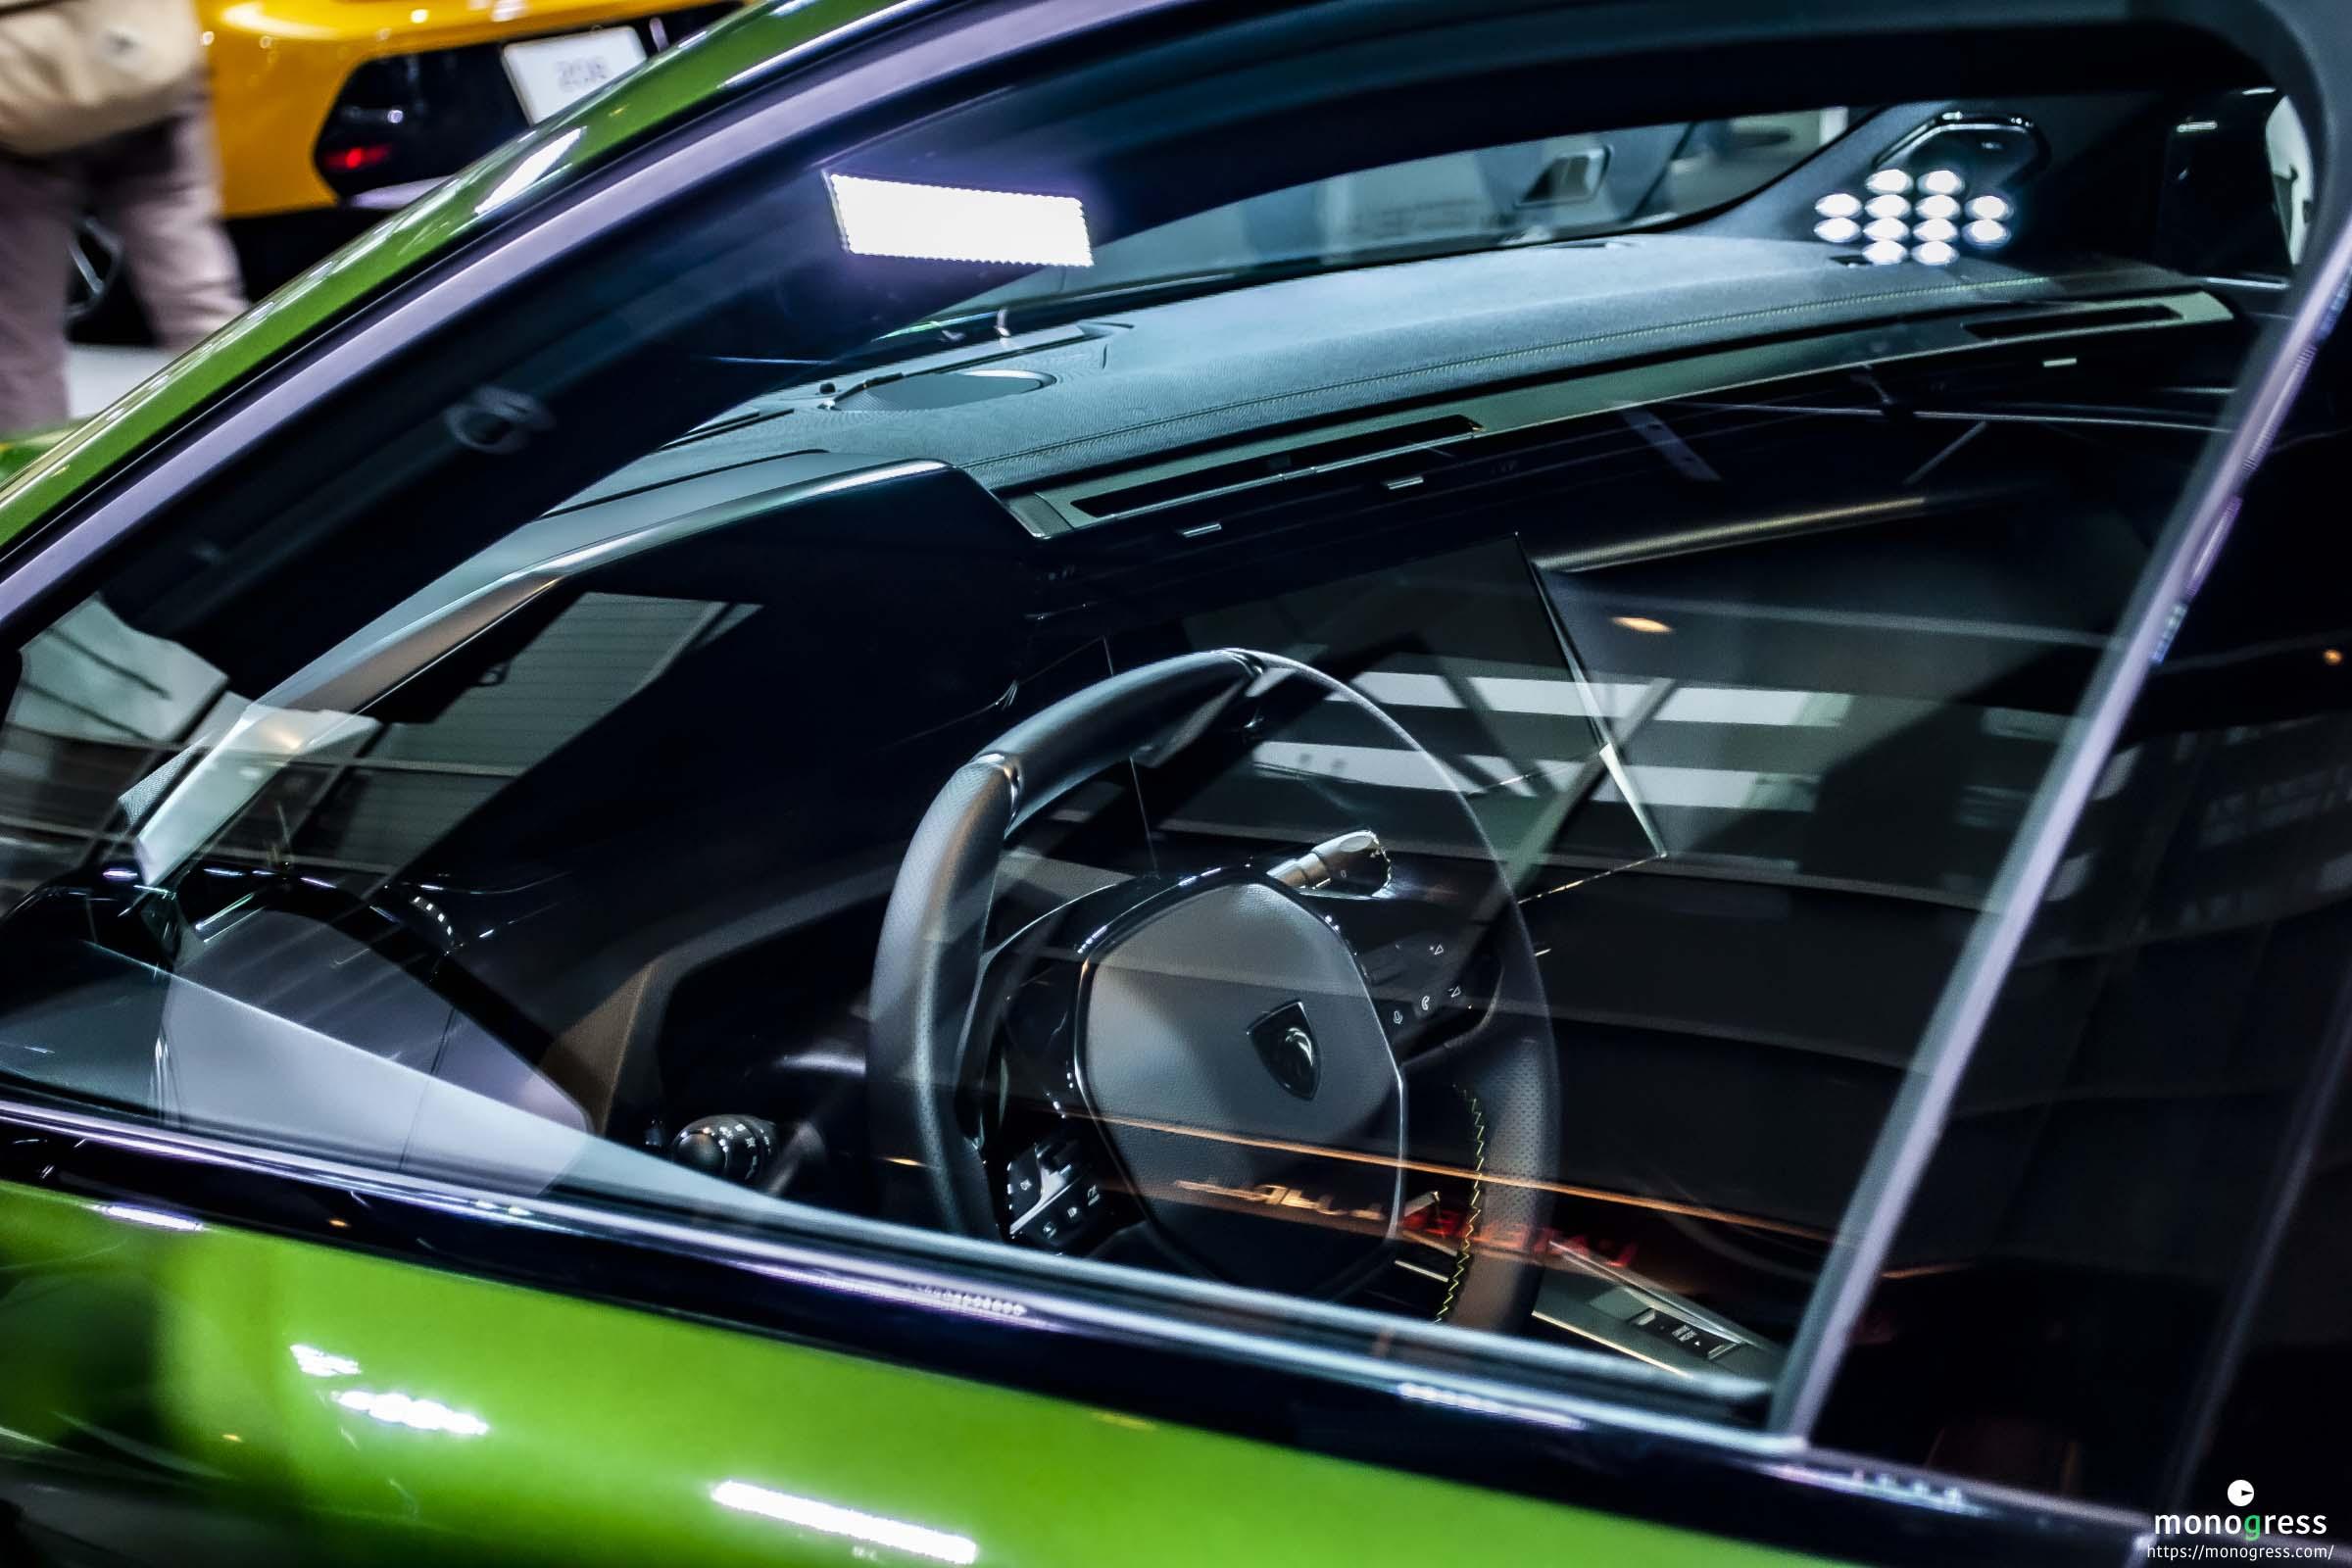 Peugeot NEW 308 i-Cockpit